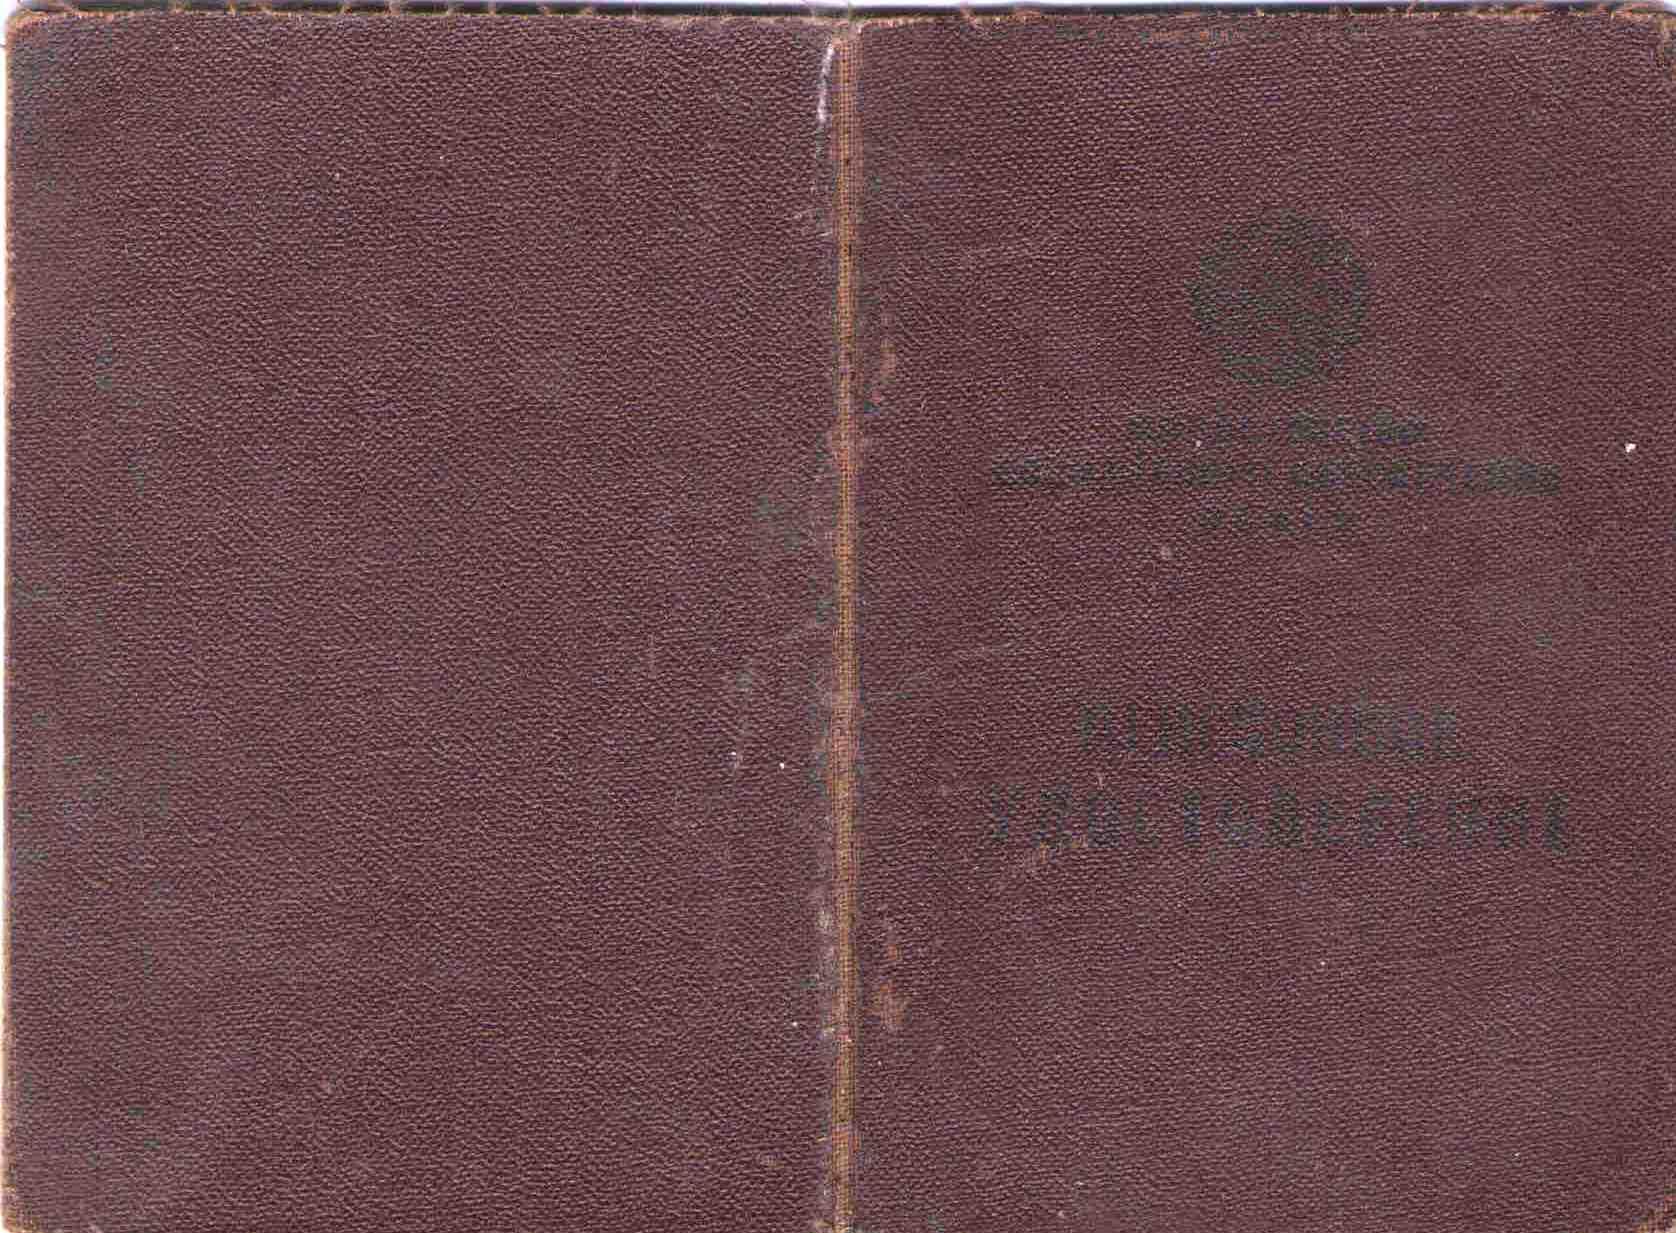 61. Пенсионное удостоверение, Барыкин ПП, 1973